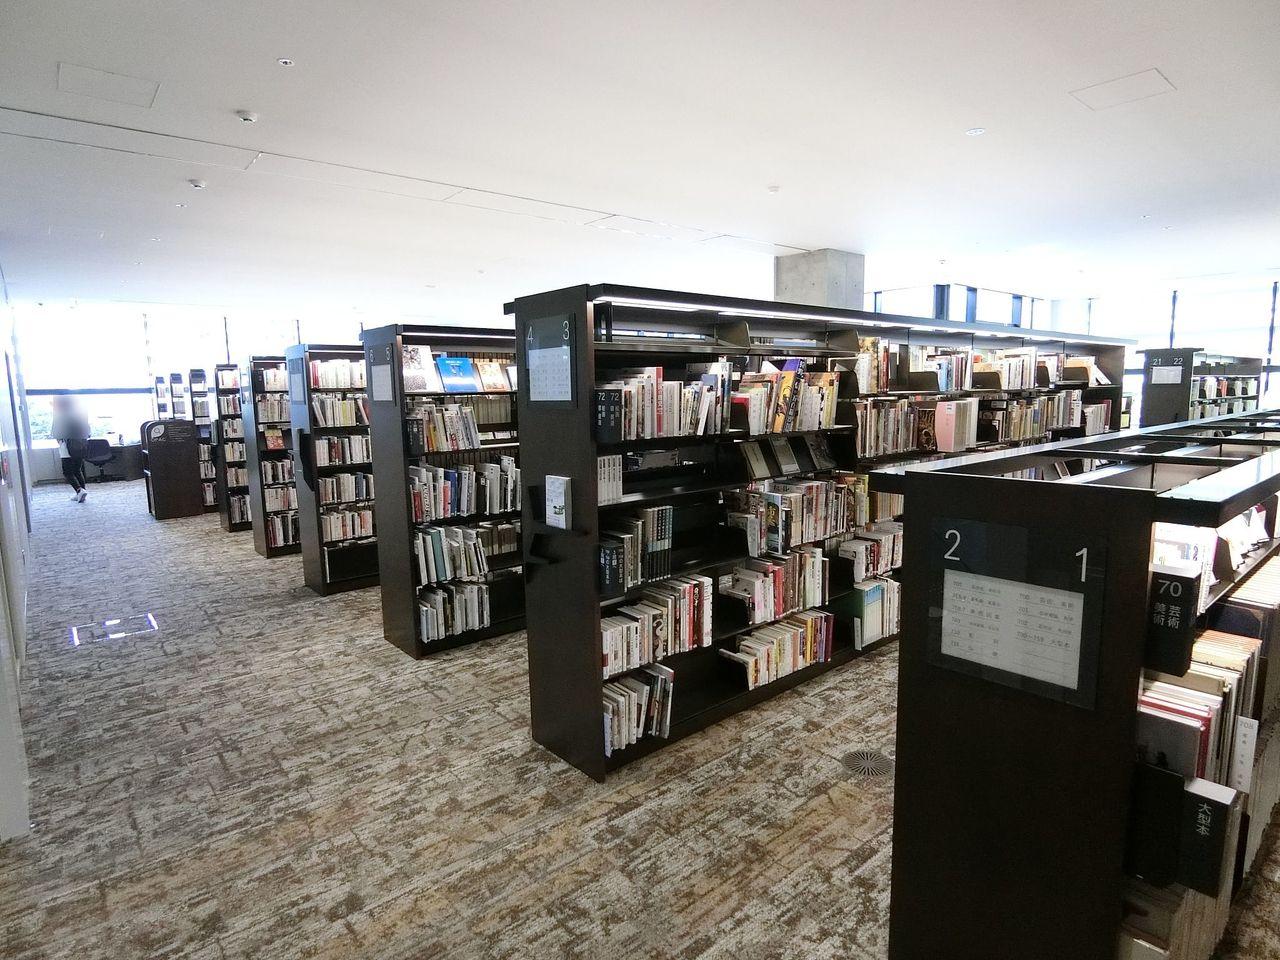 板橋区立中央図書館の3階フロア